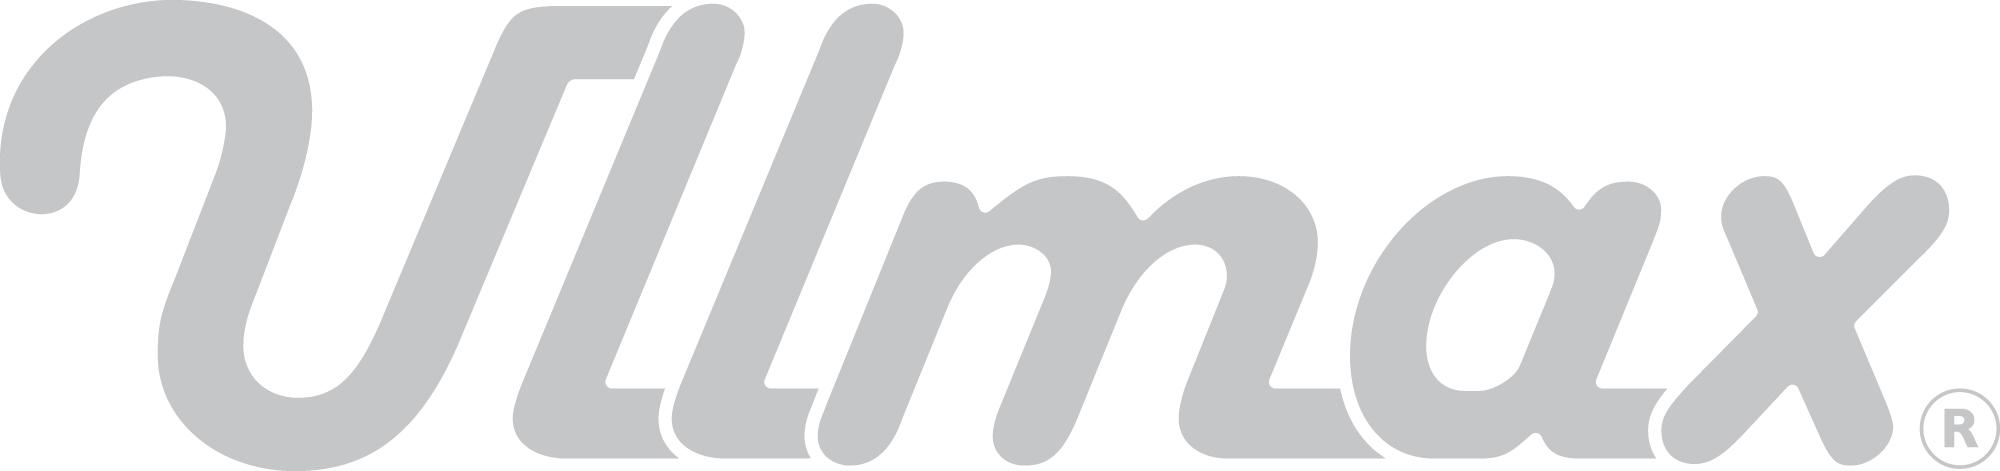 ullmax_logo.jpg